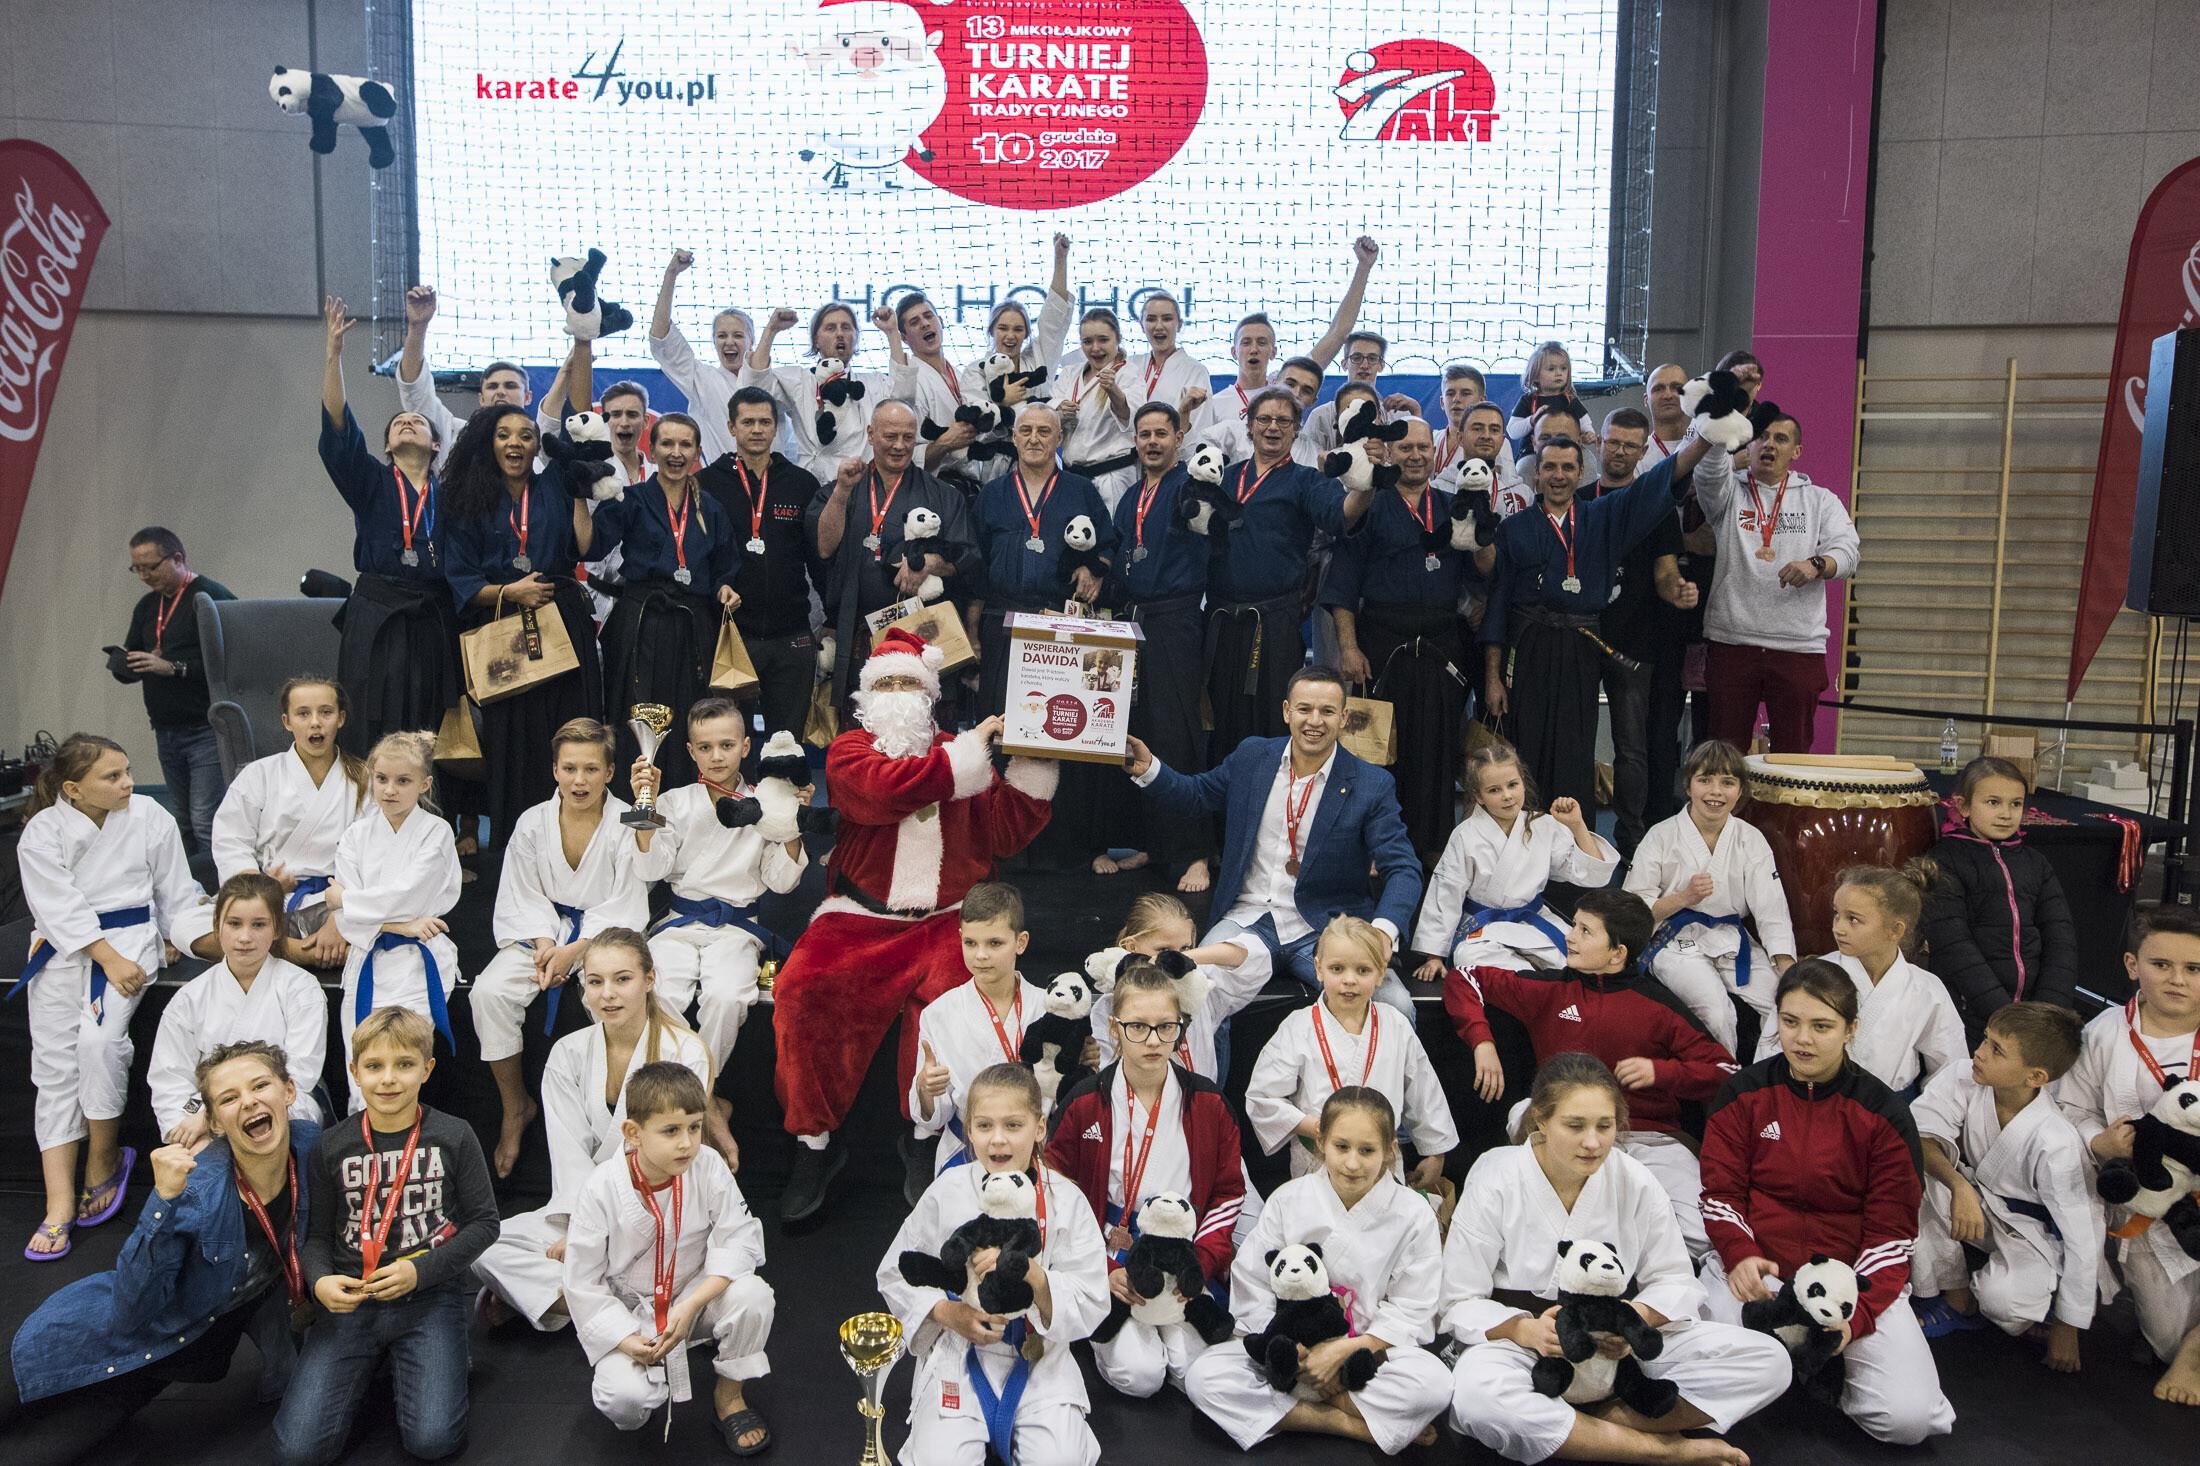 <p>10 grudnia zorganizowaliśmy nasz 13. Turniej Mikołajkowy w Karate Tradycyjnym. Impreza miała wyjątkowy charakter. Środowisko karateków po raz kolejny zjednoczyło siły i okazało pomoc potrzebującemu. Mnóstwo osób przyłączyło się do akcji wsparcia 9-letniego Dawida, ciężko chorego karateki. W TAURON Arenie Kraków rywalizowało blisko 500 młodych karateków. </p>